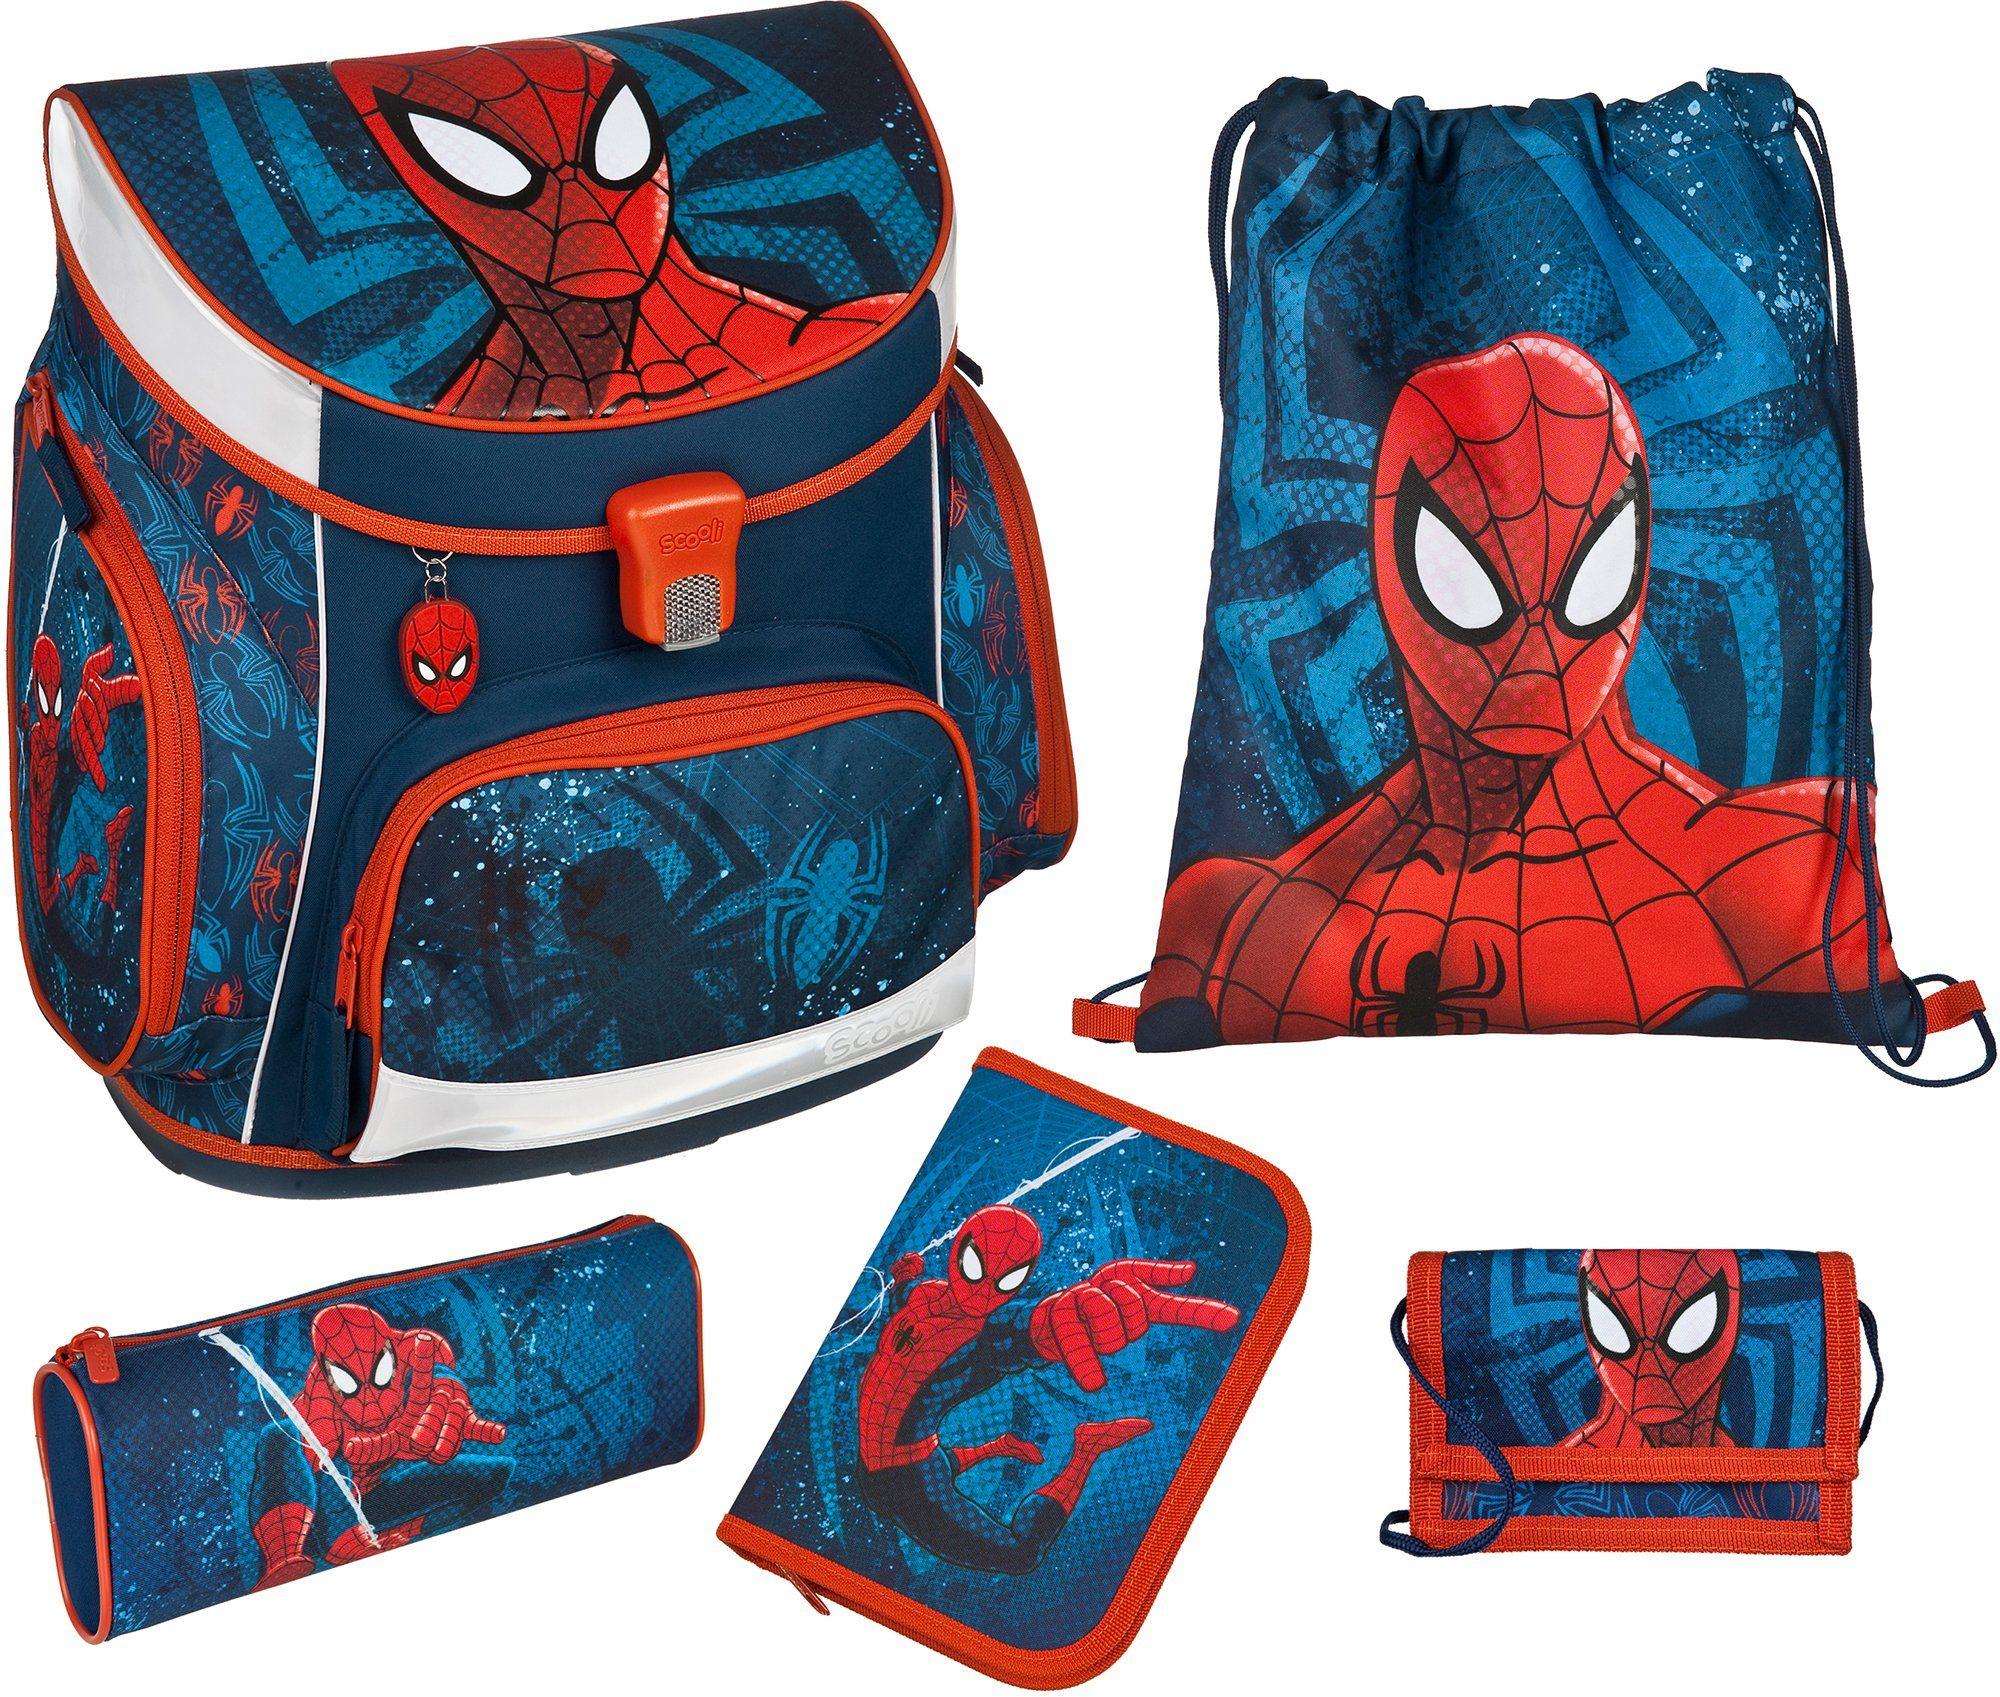 Scooli Schulranzen Set 5tlg., »Campus Up Spiderman«